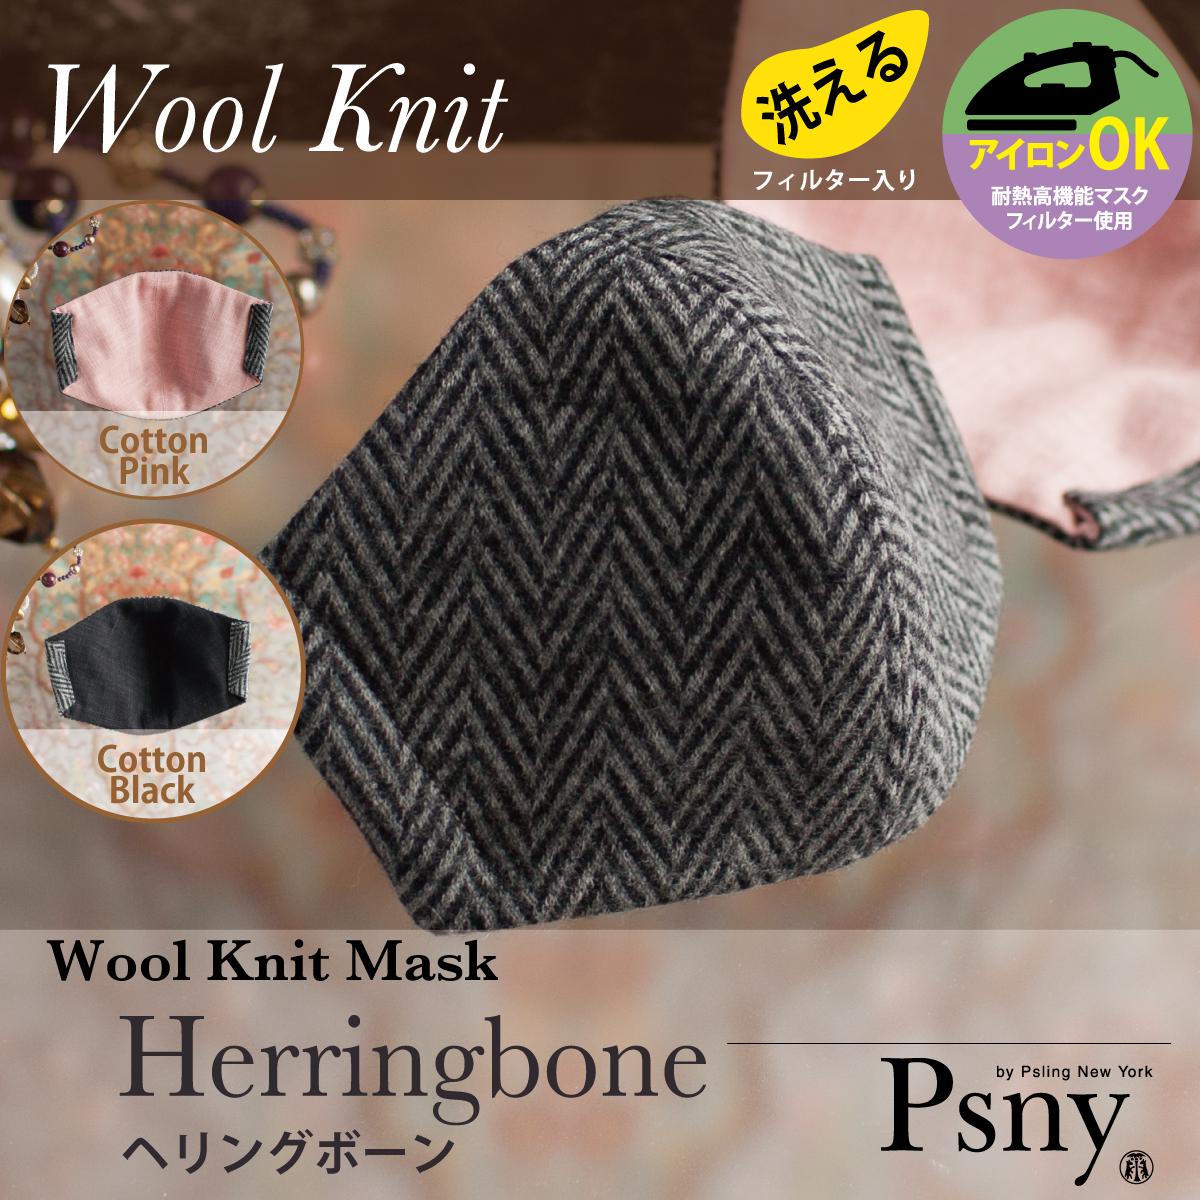 PSNY ウール・ニット・ヘリンボーン 花粉 黄砂 洗えるフィルター入り 立体 マスク 大人用 送料無料